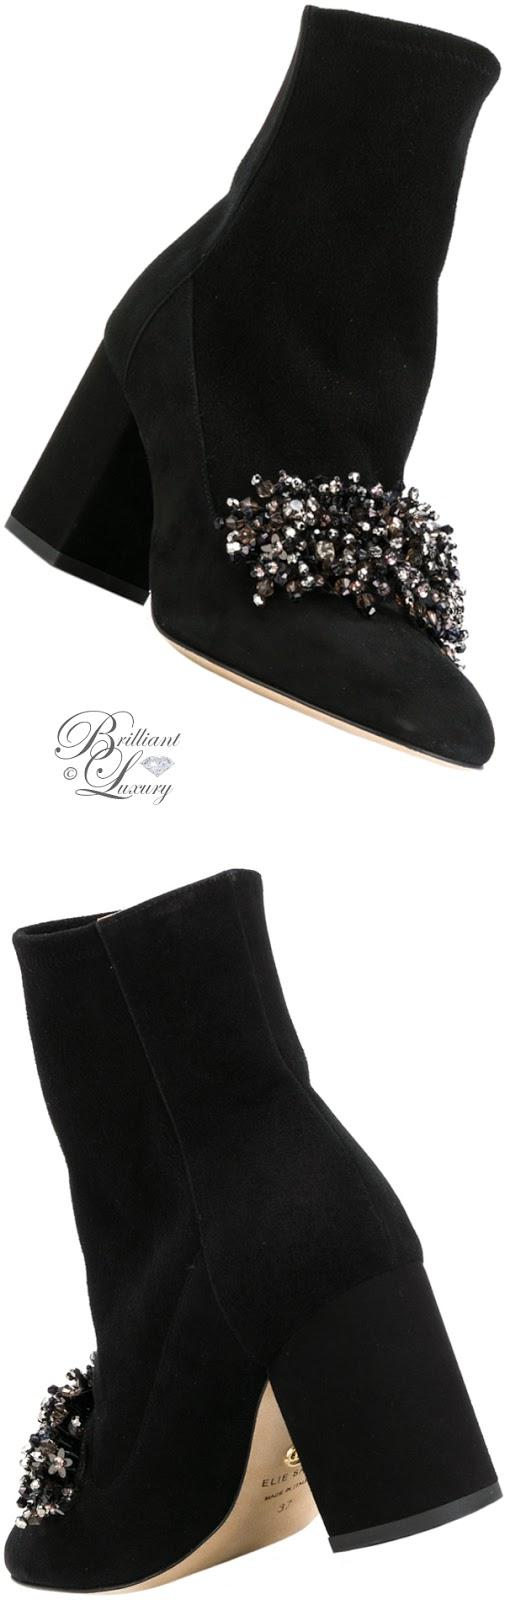 Brilliant Luxury ♦ Elie Saab embellished boots